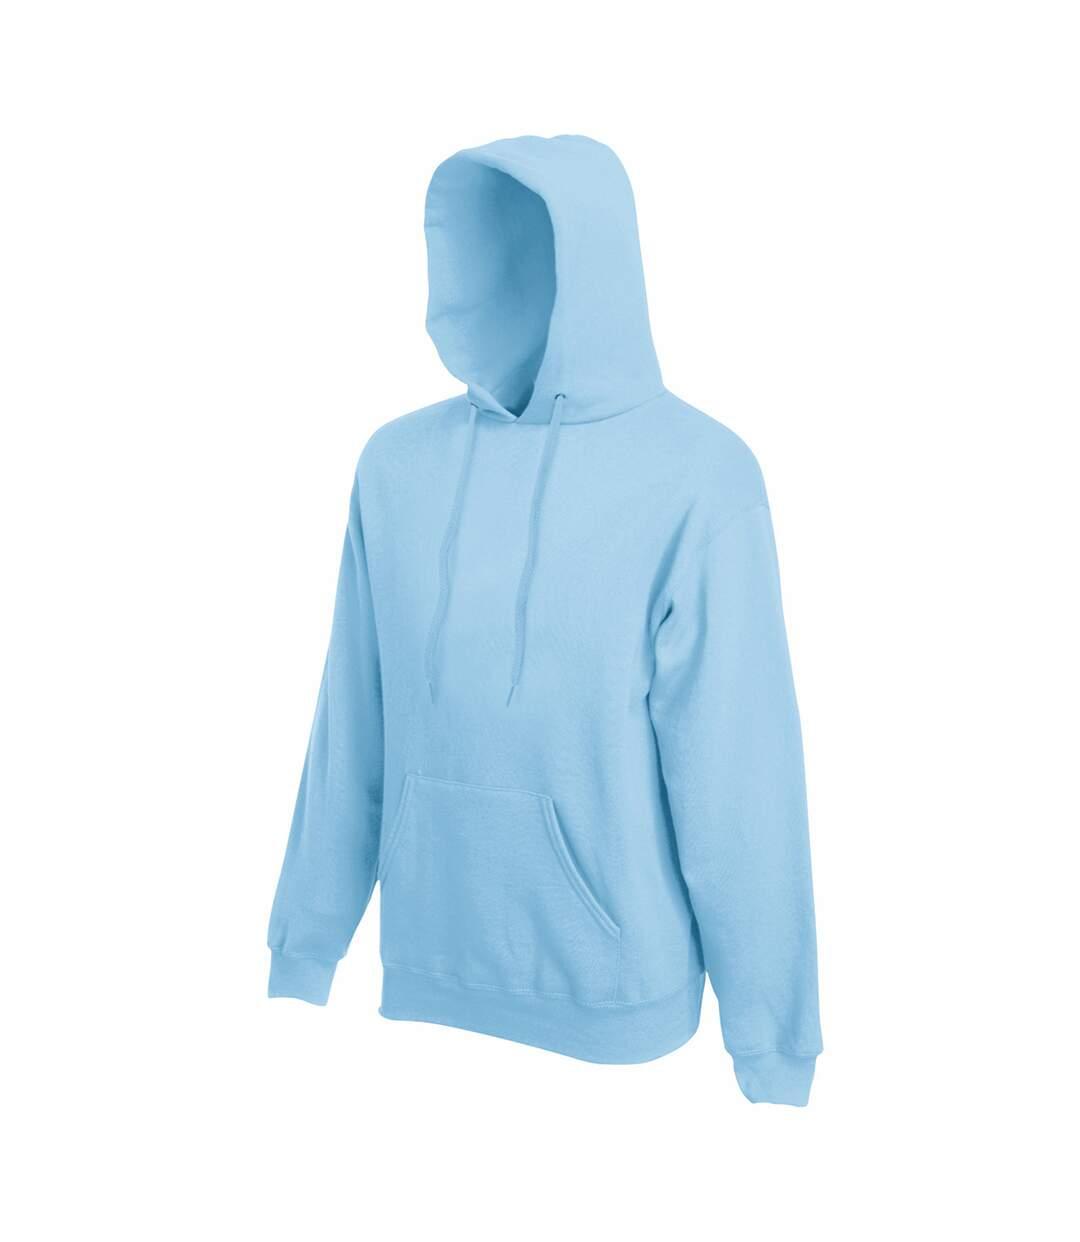 Fruit Of The Loom Mens Hooded Sweatshirt / Hoodie (Chocolate) - UTBC366